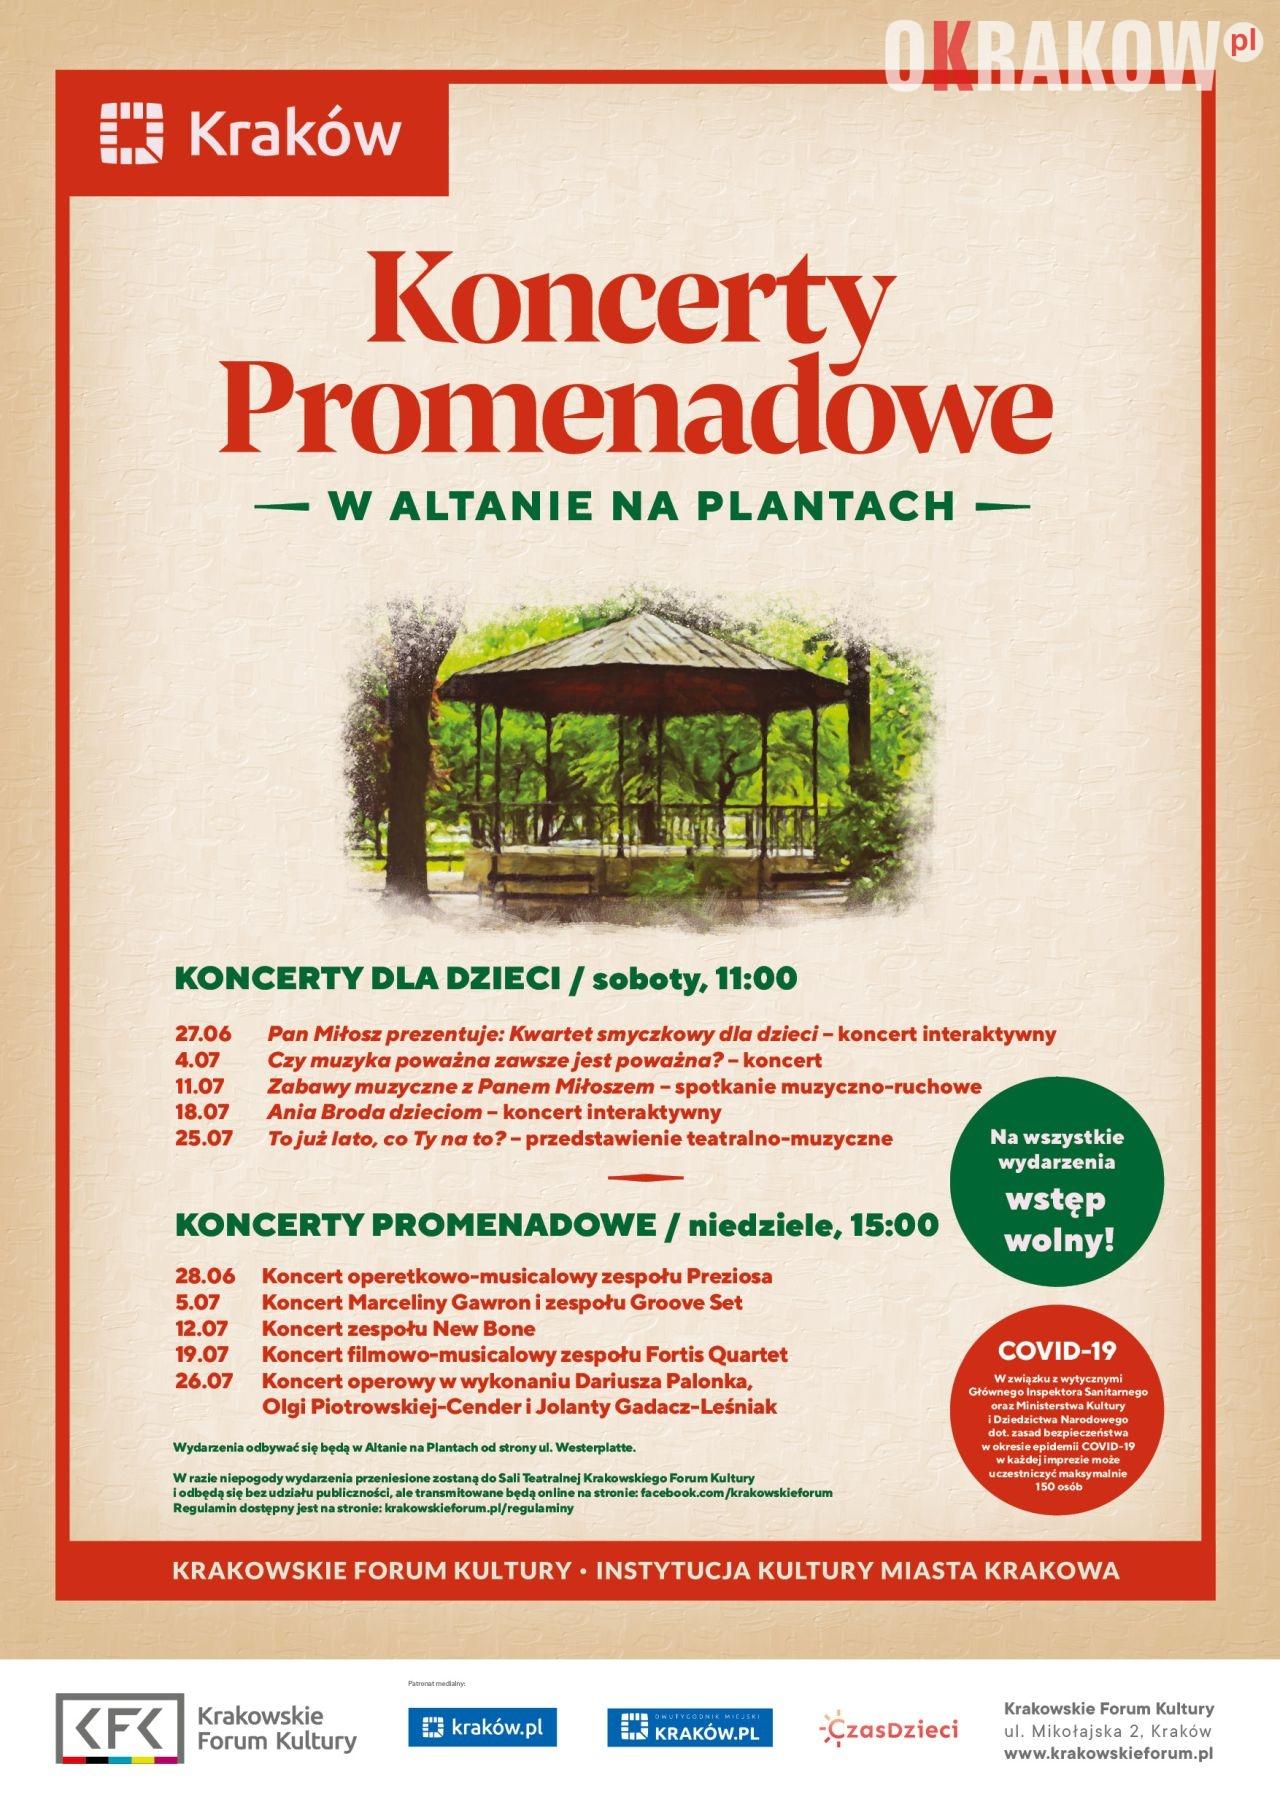 plakat 2 212x300 - Koncerty Promenadowe powracają na krakowskie Planty!